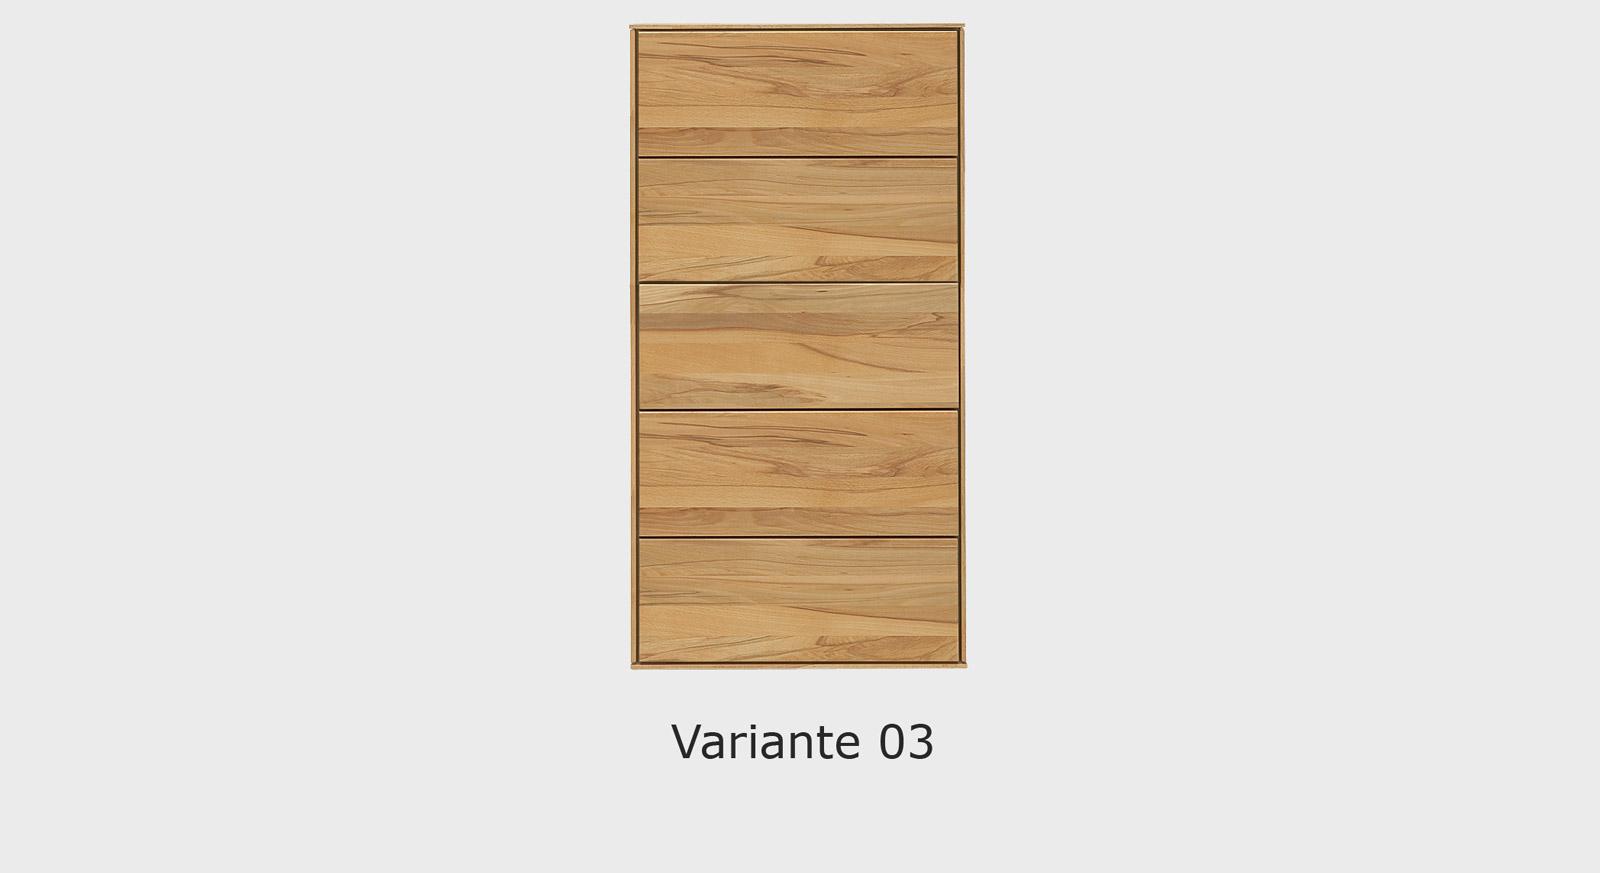 Massivholz-Kommode Aquila in der Variante 03